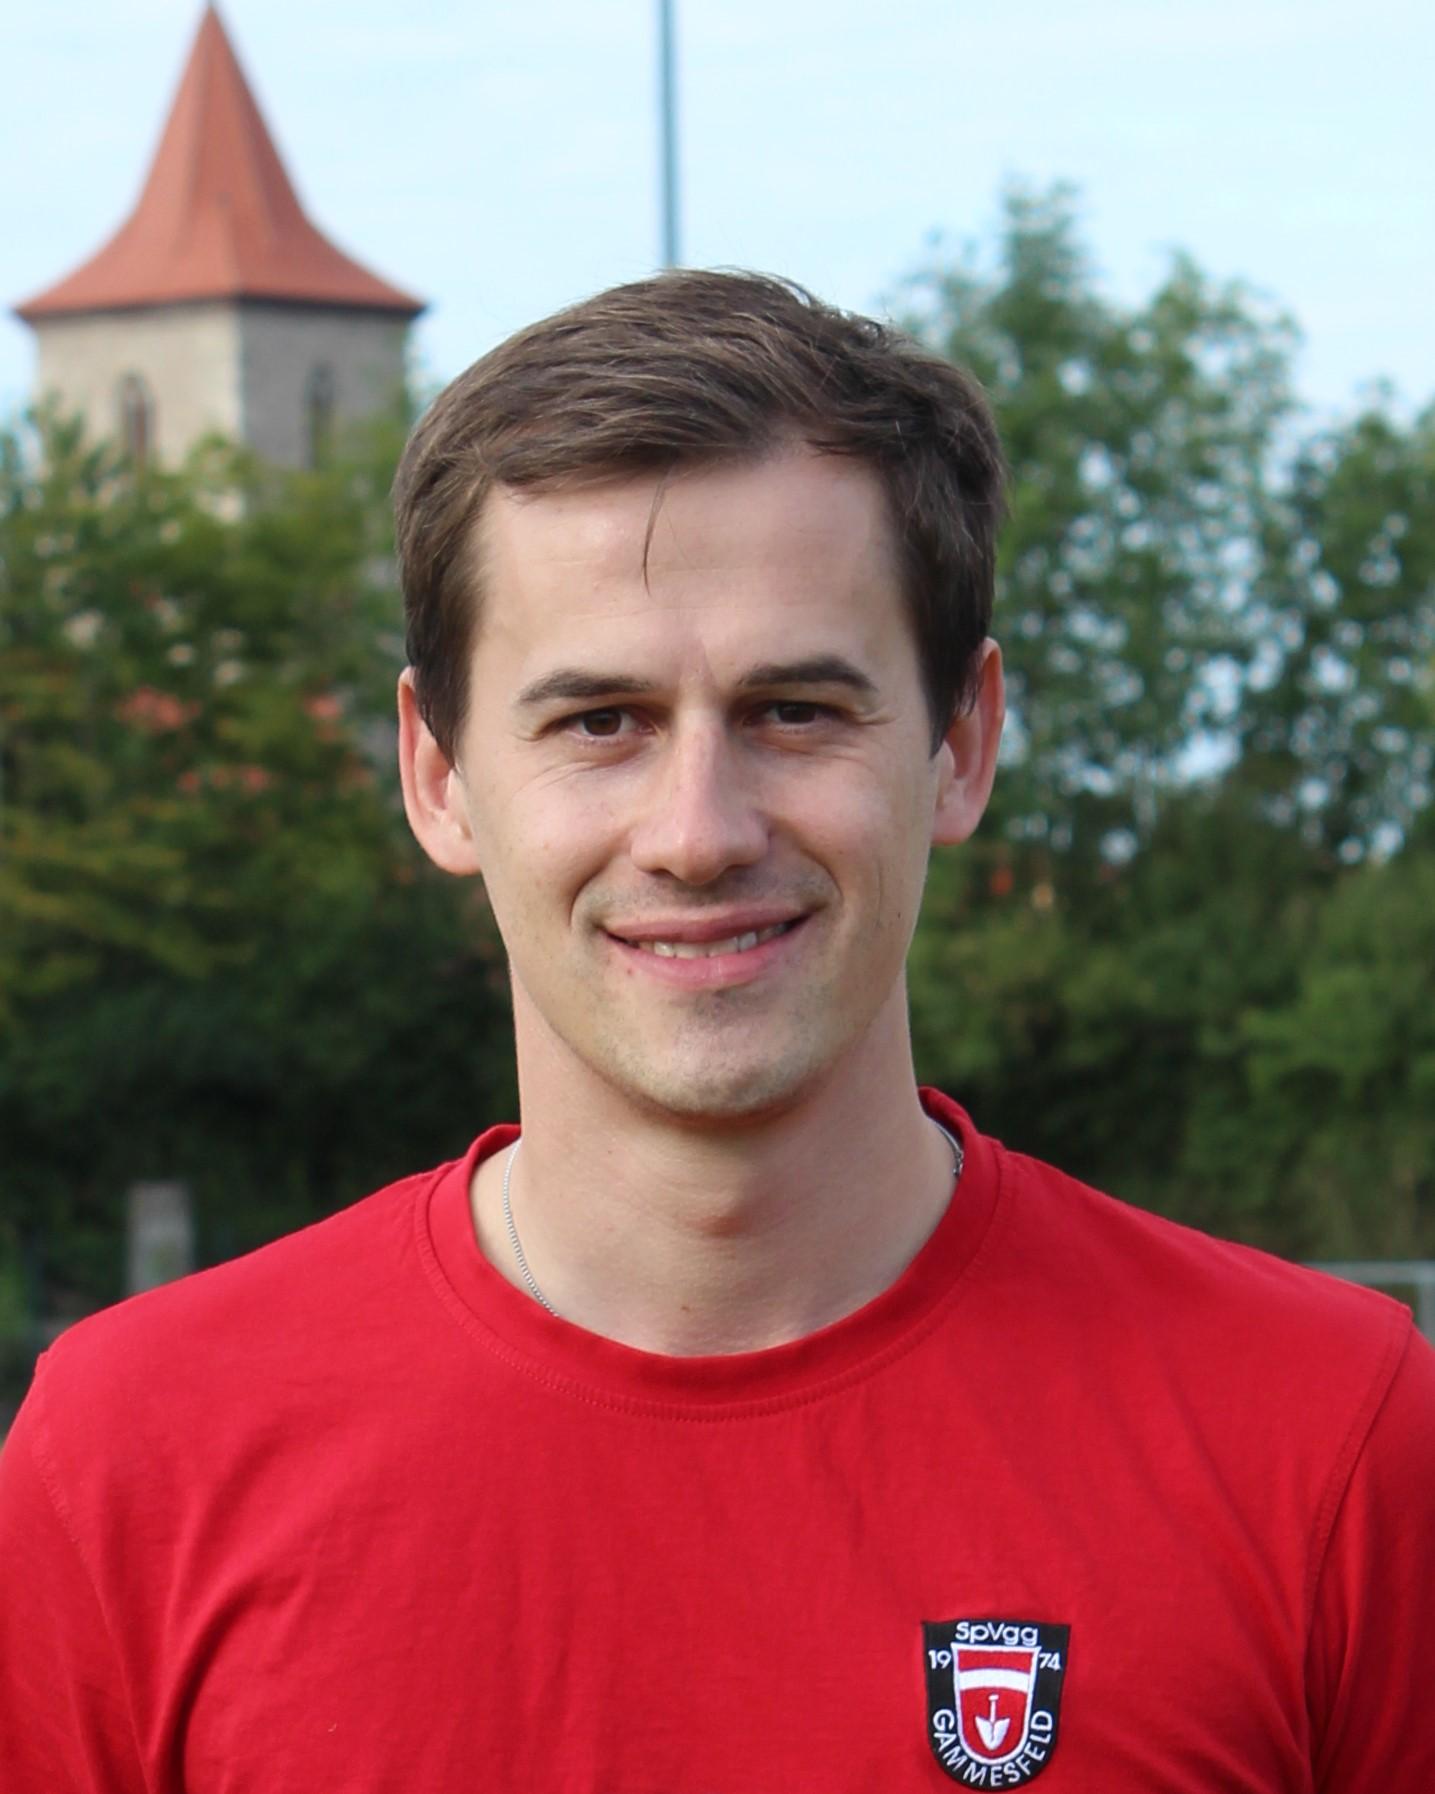 Timo Schmieg